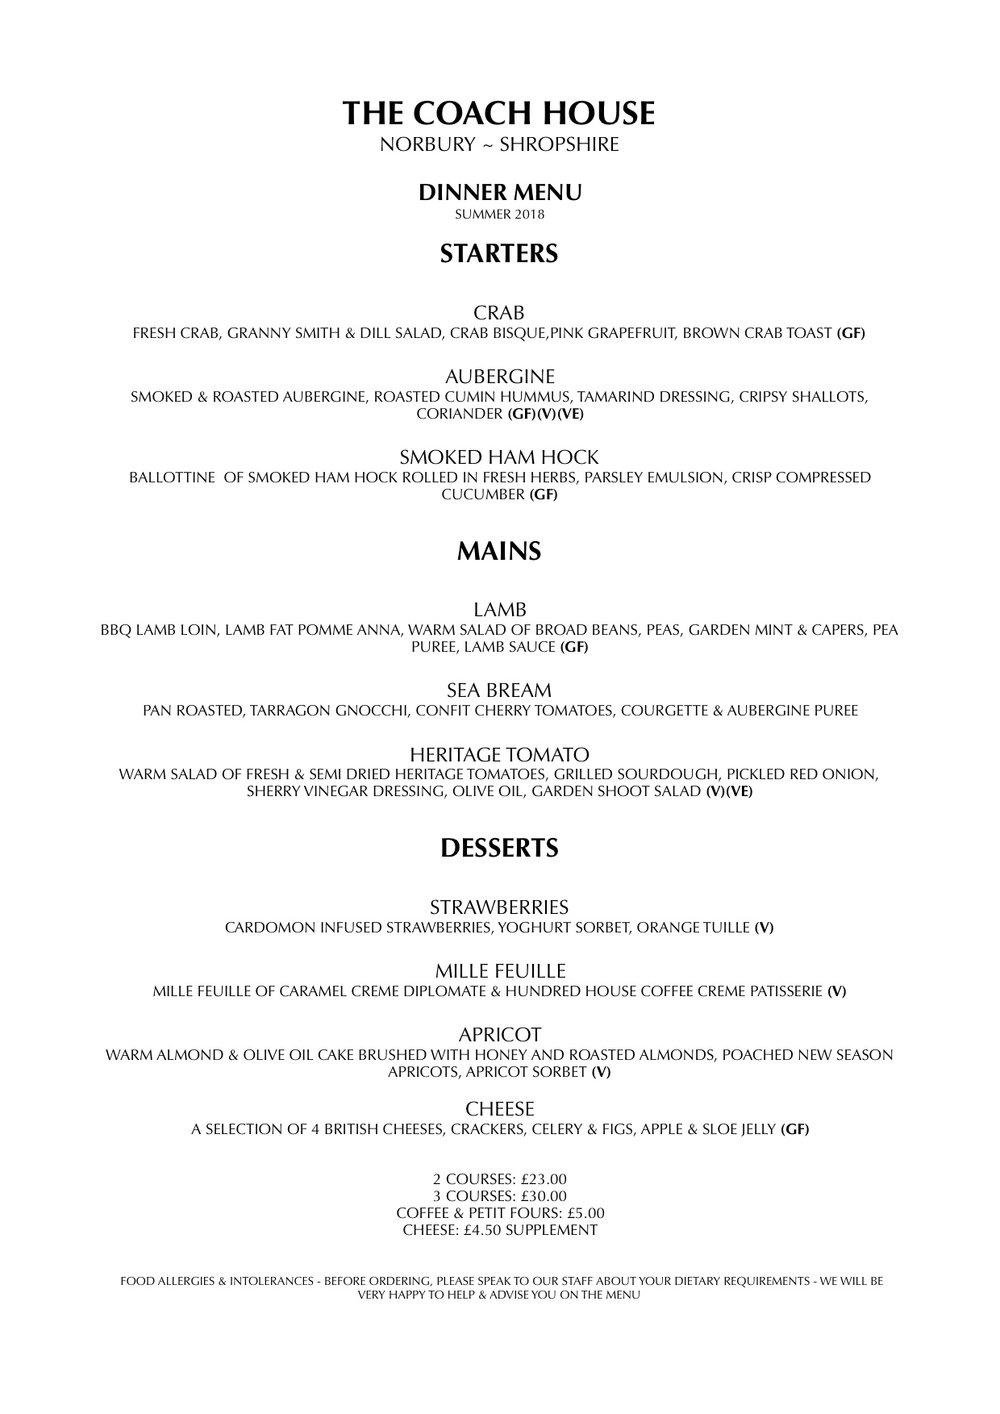 SUMMER DINNER MENU 2018 PDF UPDATED.jpg